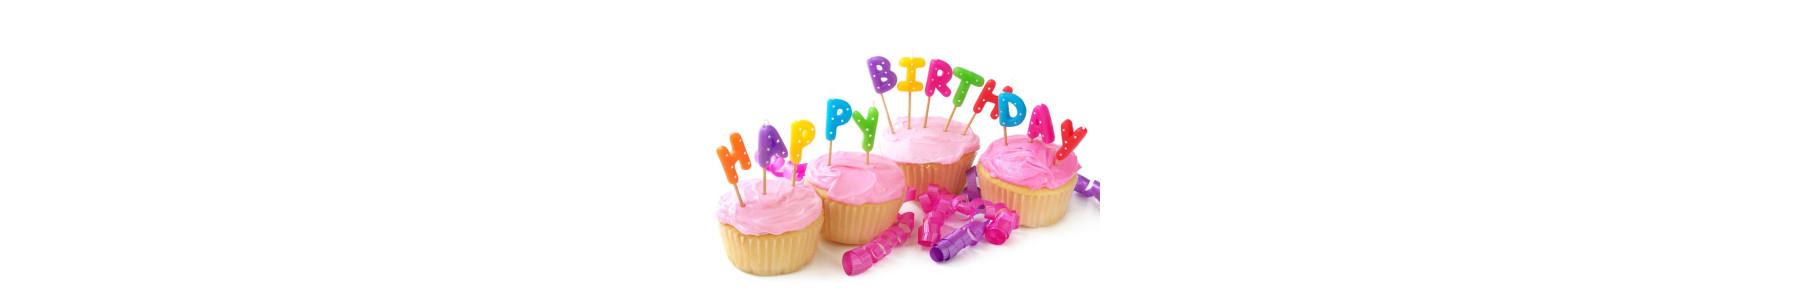 Articole party Happy Birthday